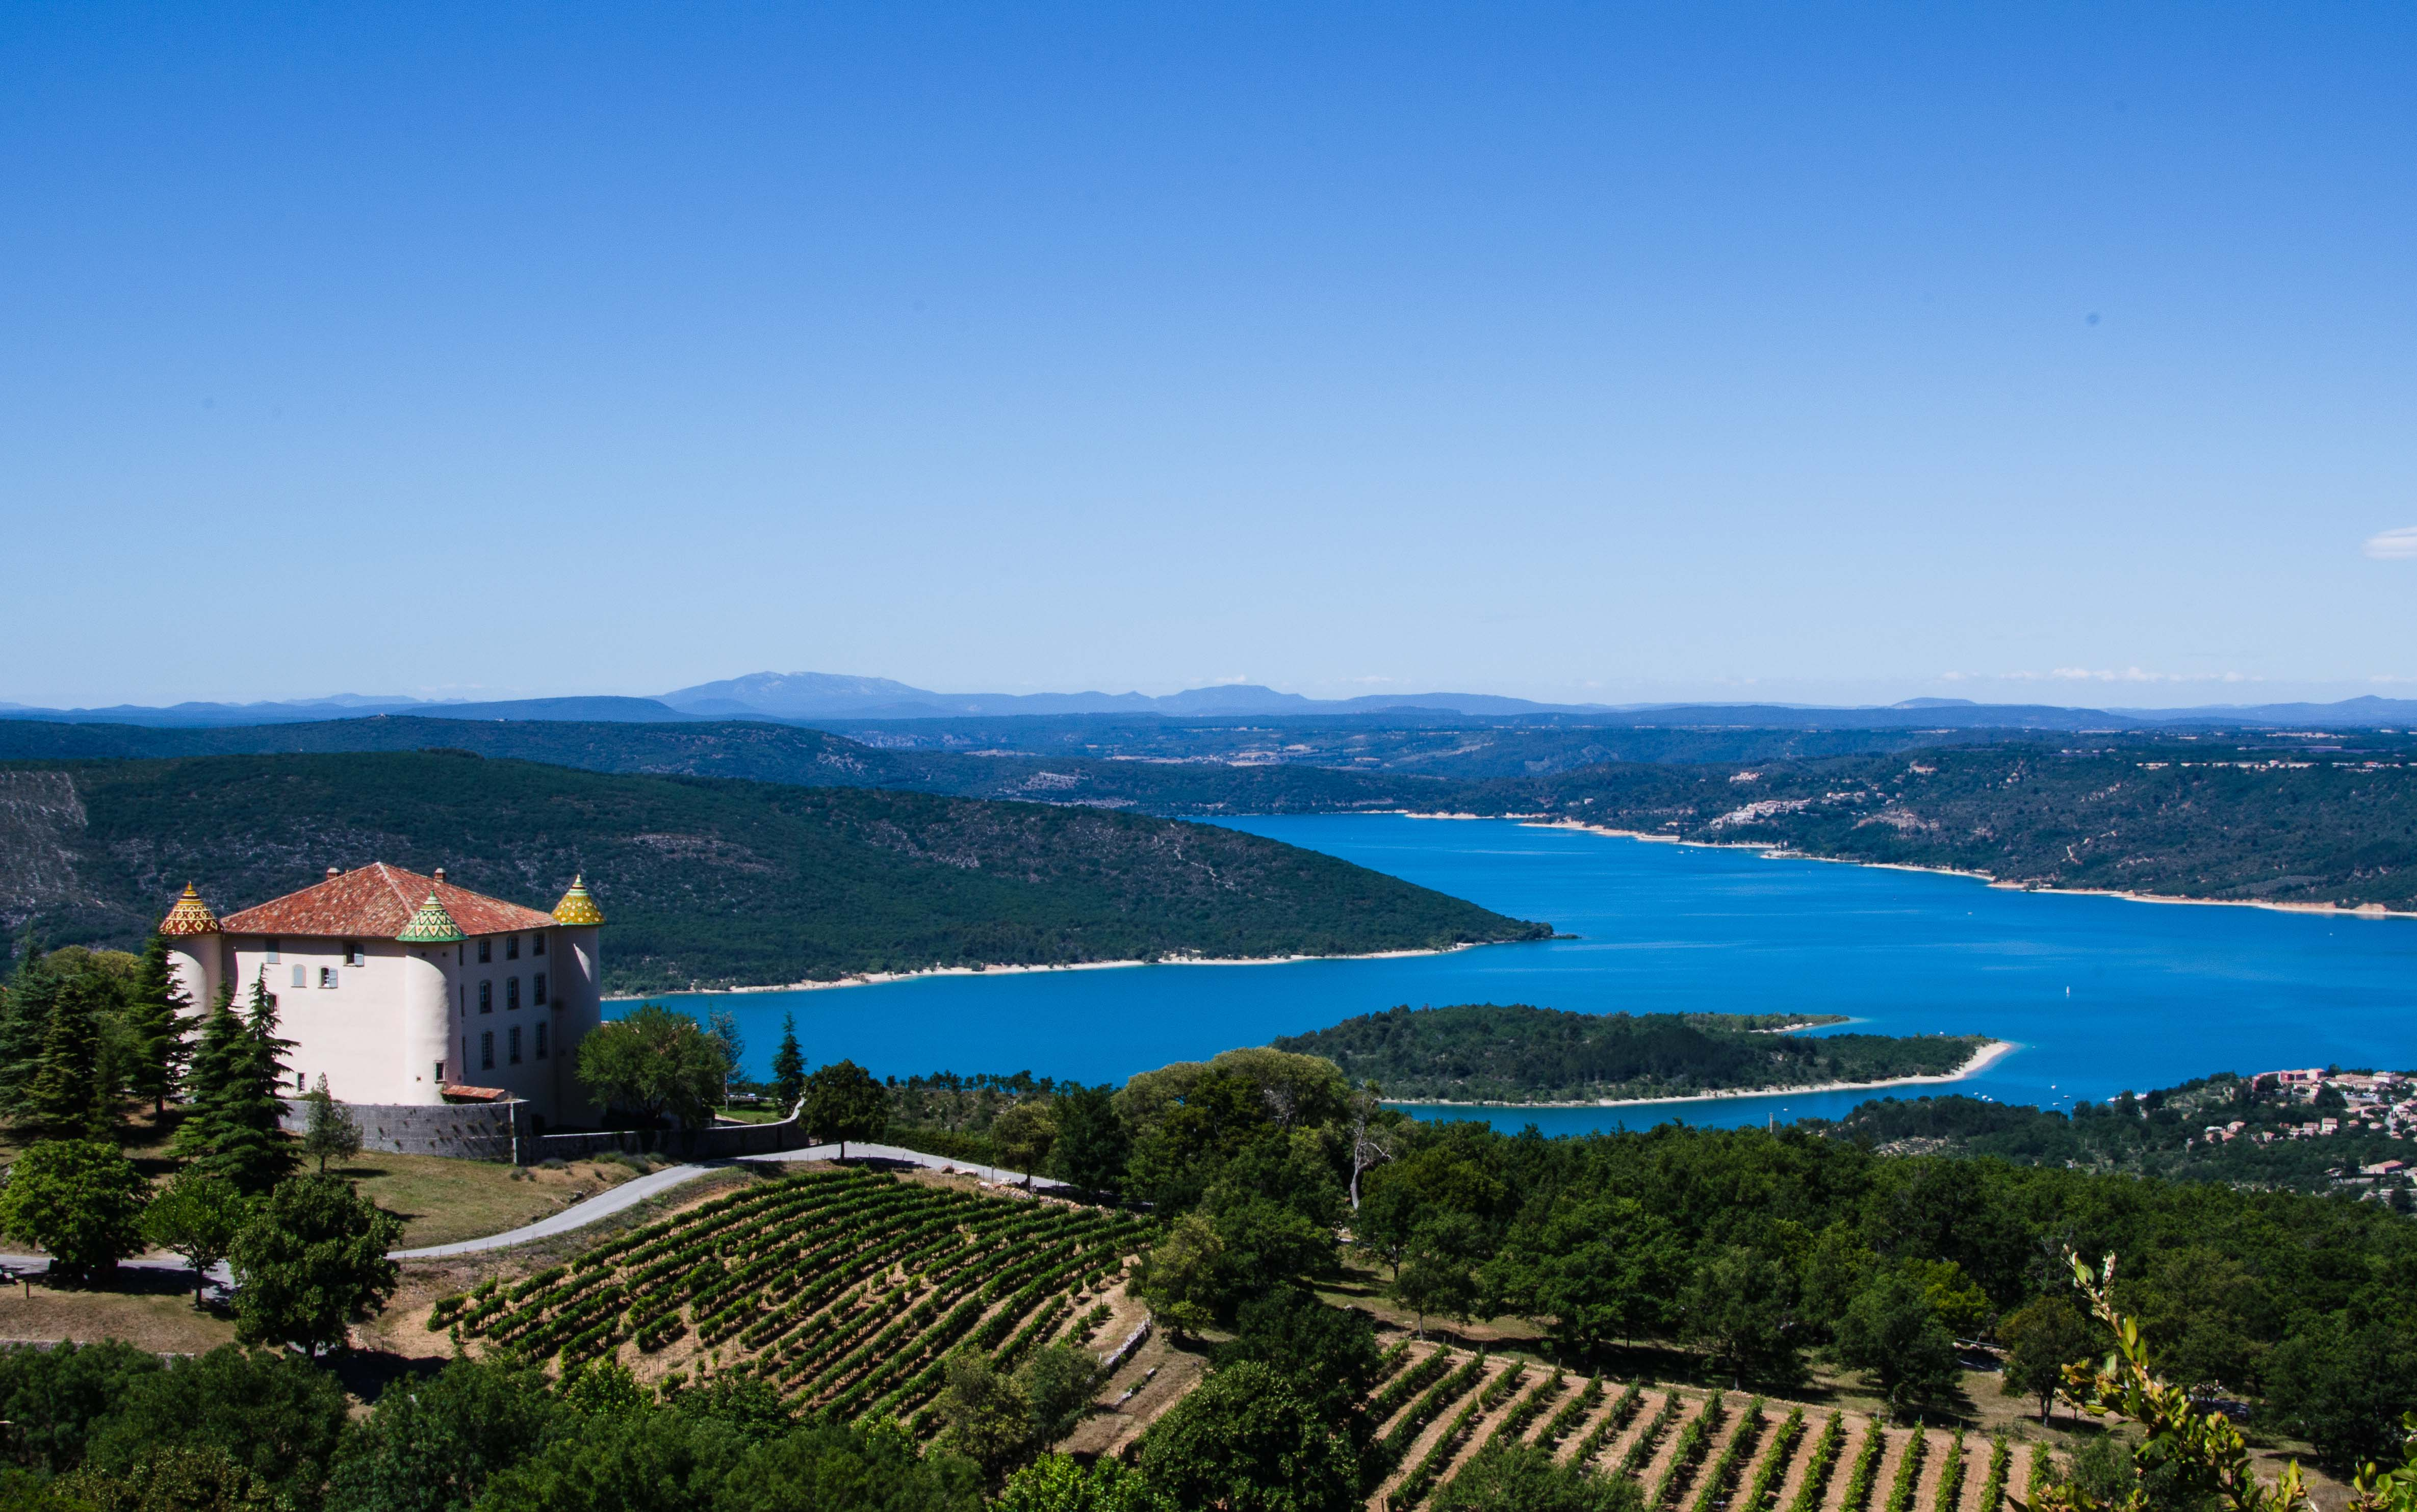 castellana5 Vacanze in Provenza, Camargue e Costa Azzurra